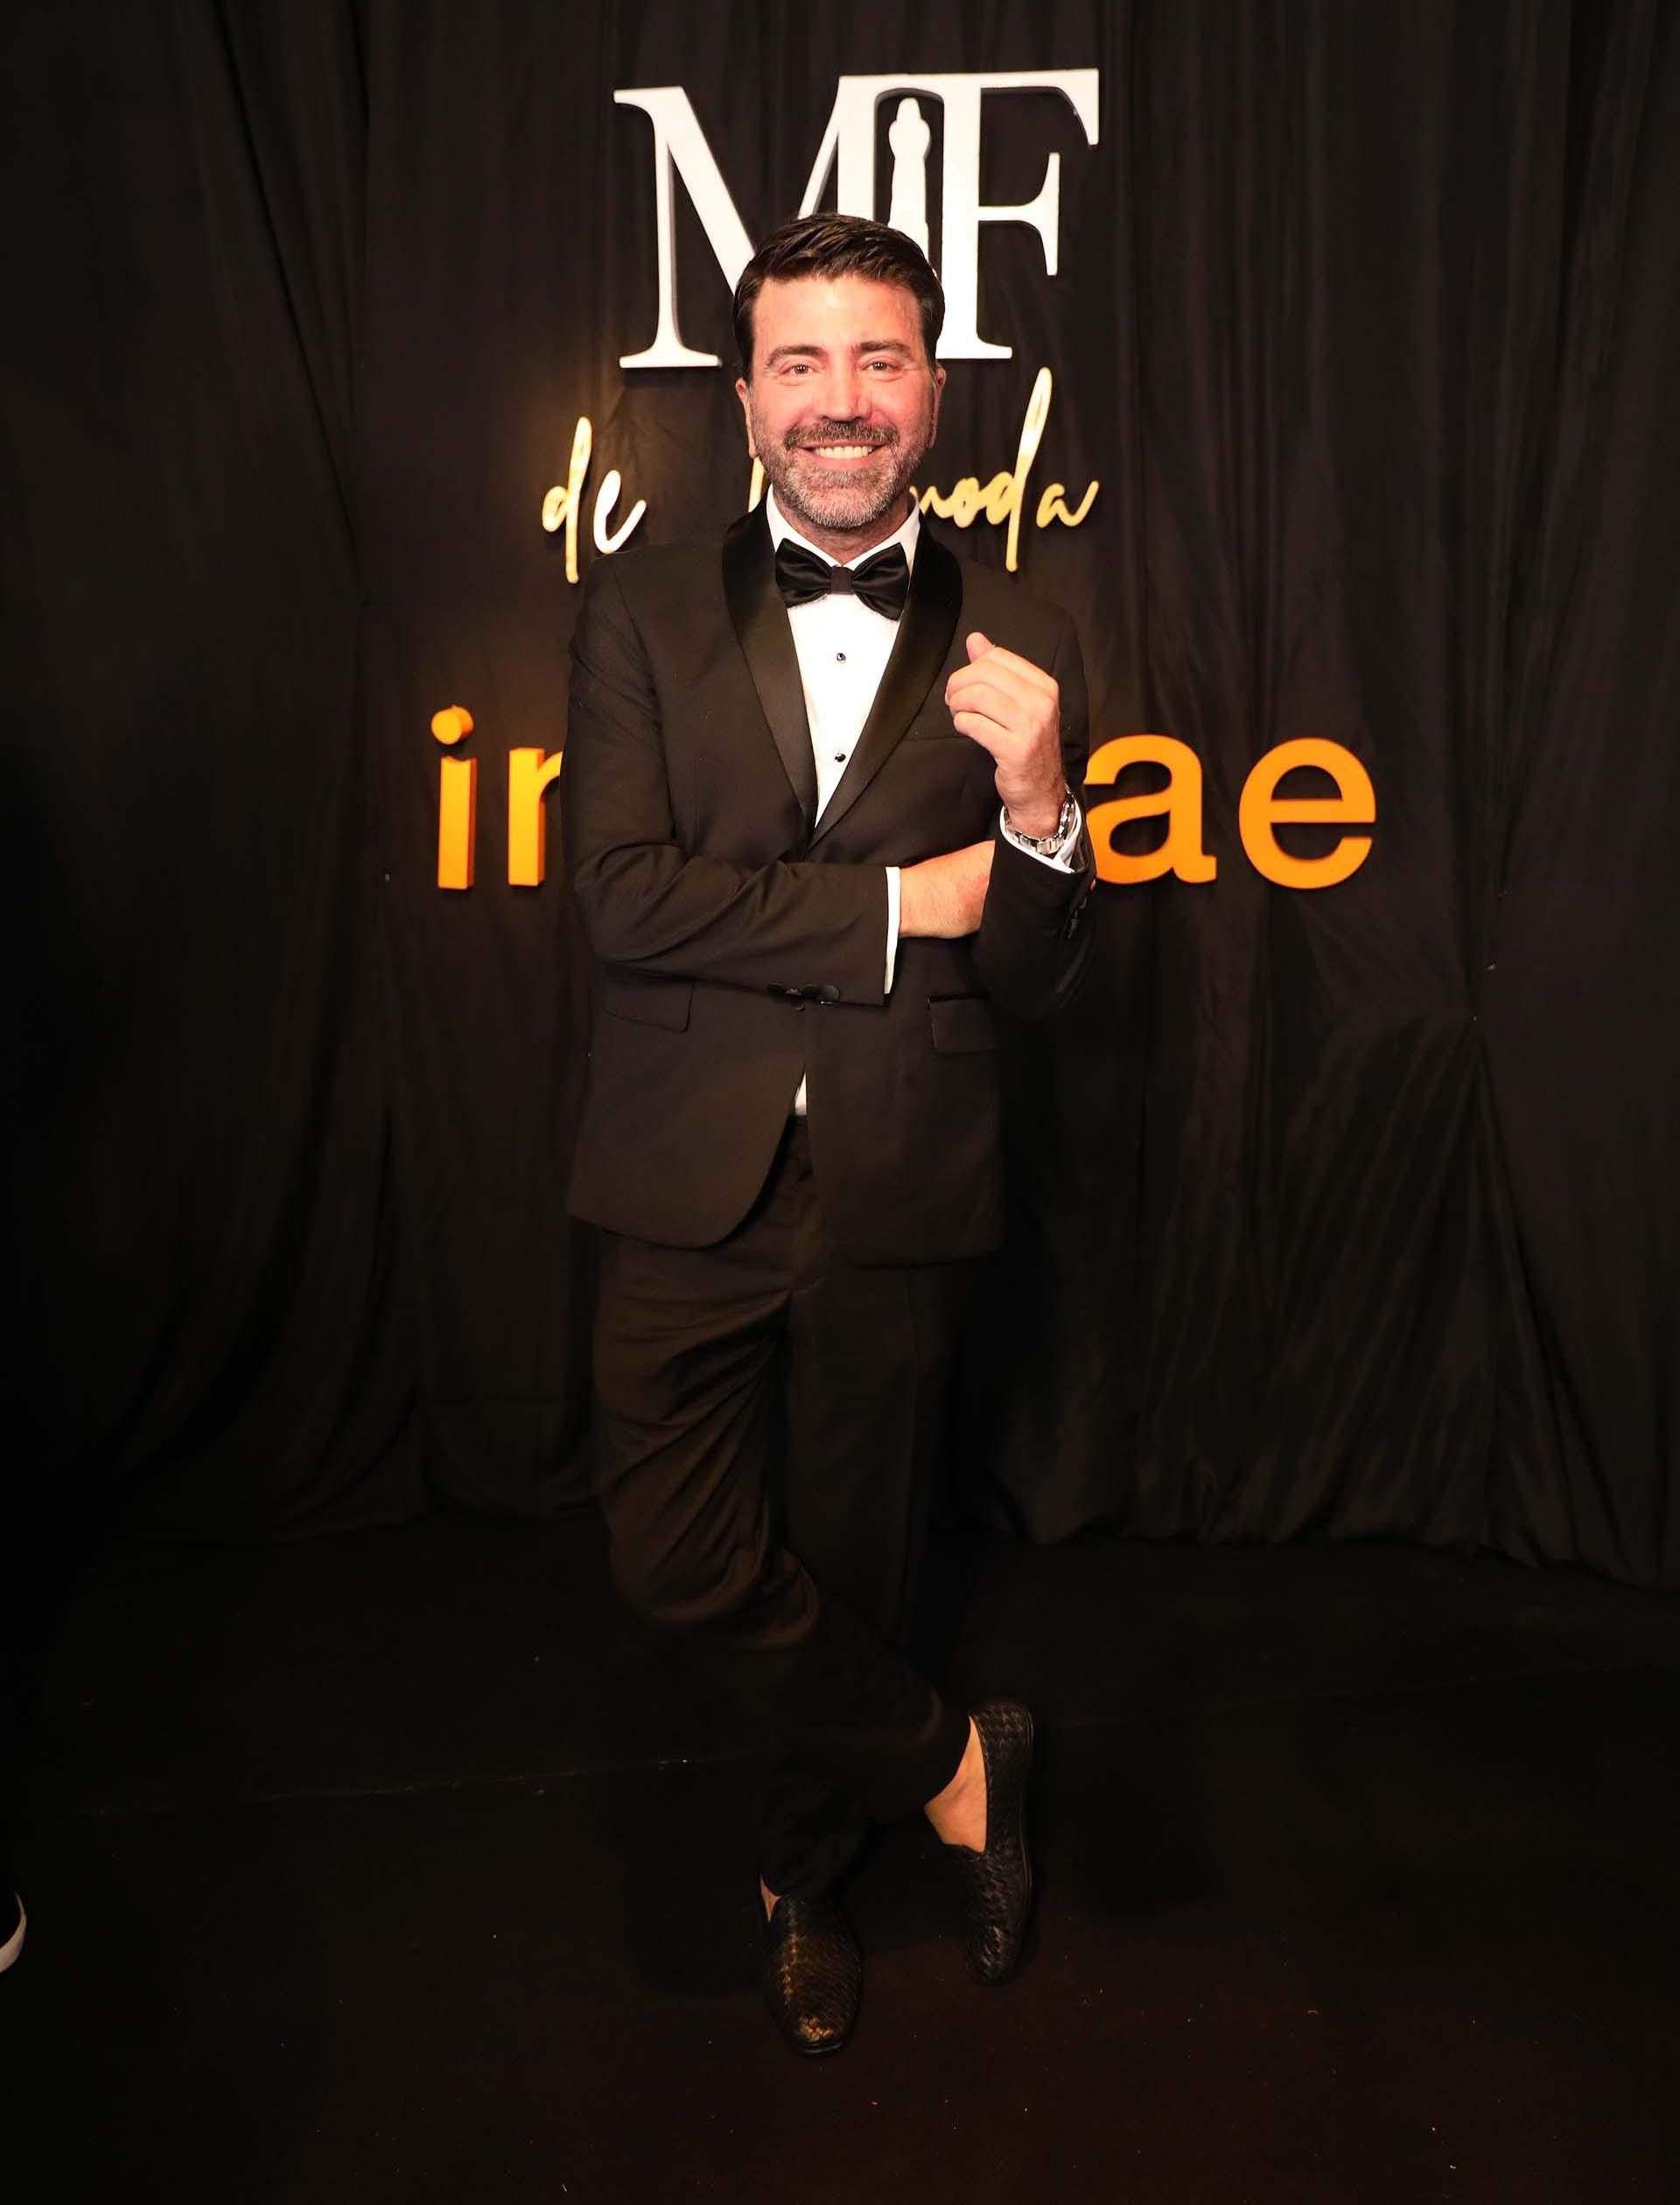 El diseñador Javier Saiach con un smoking total black